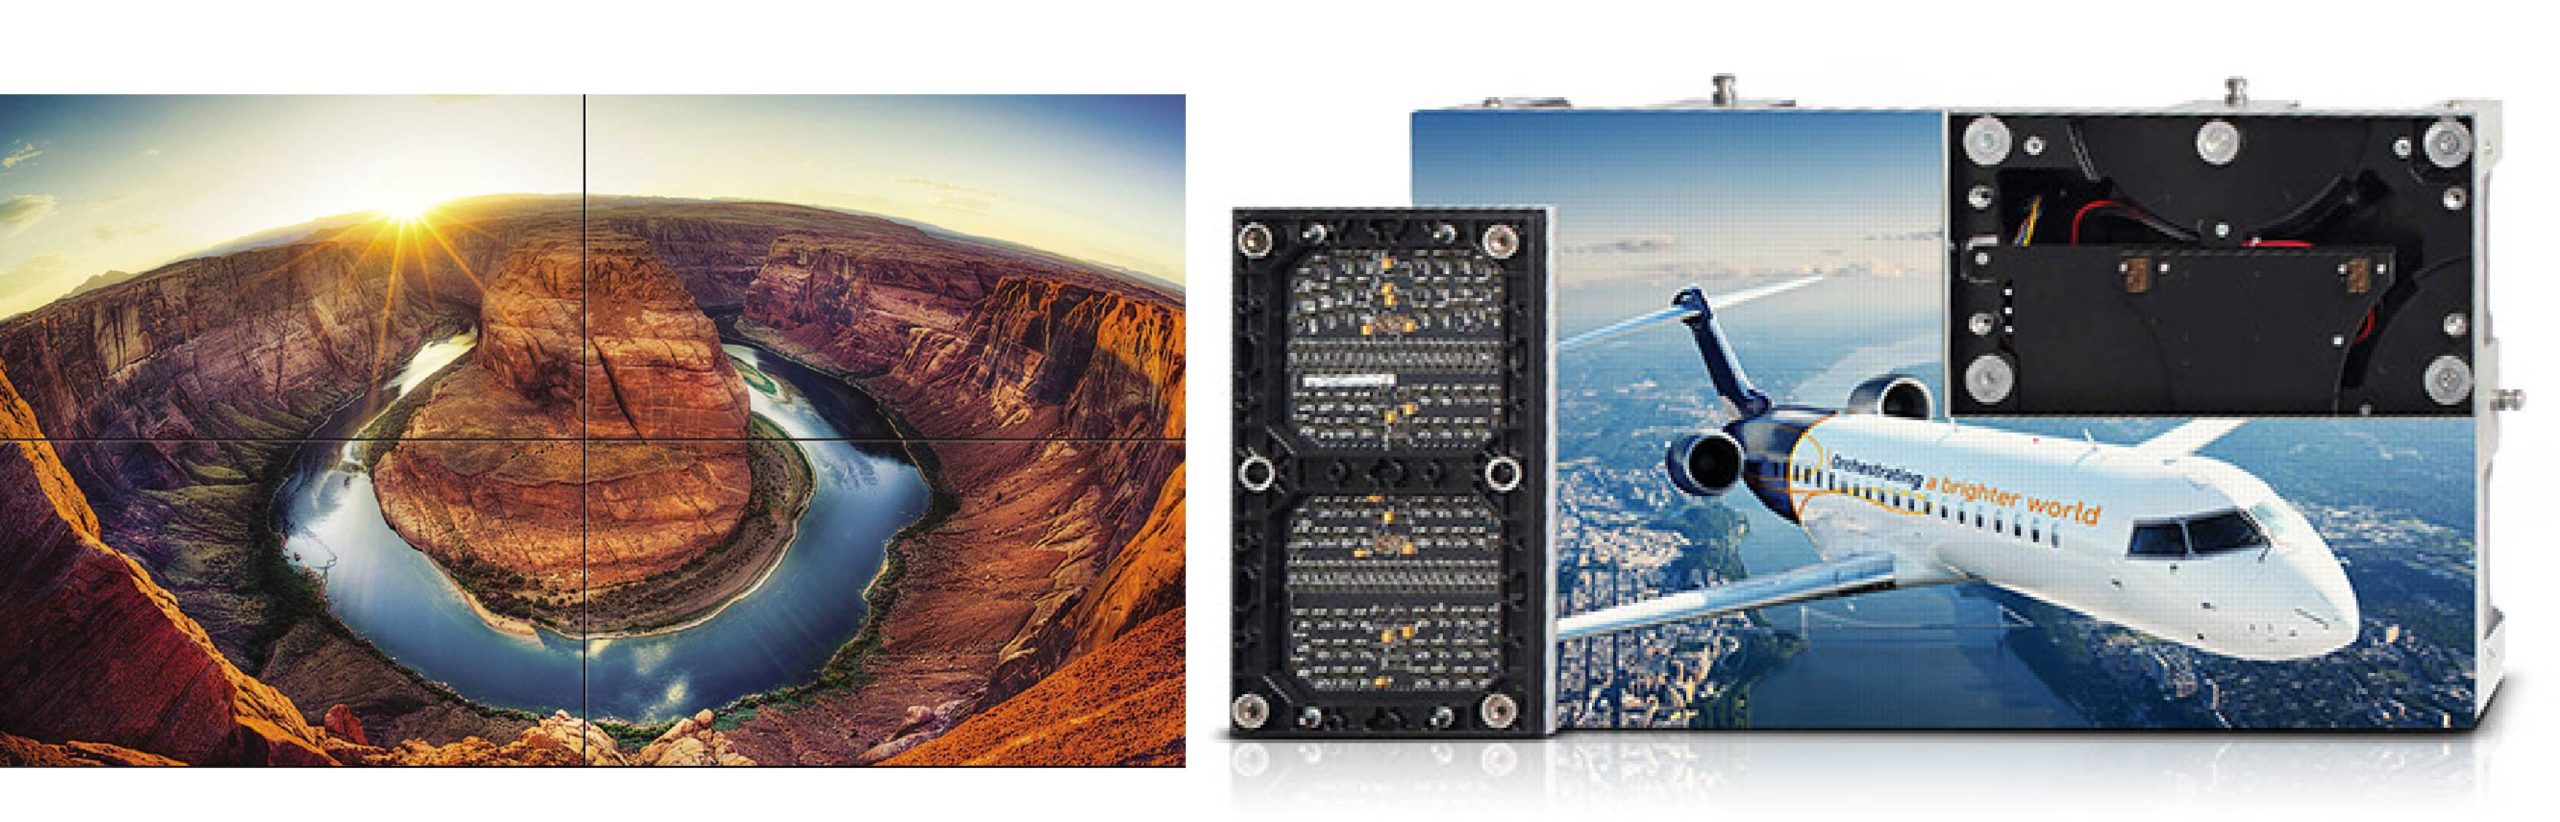 Mur d'images panneaux LED affichage dynamique